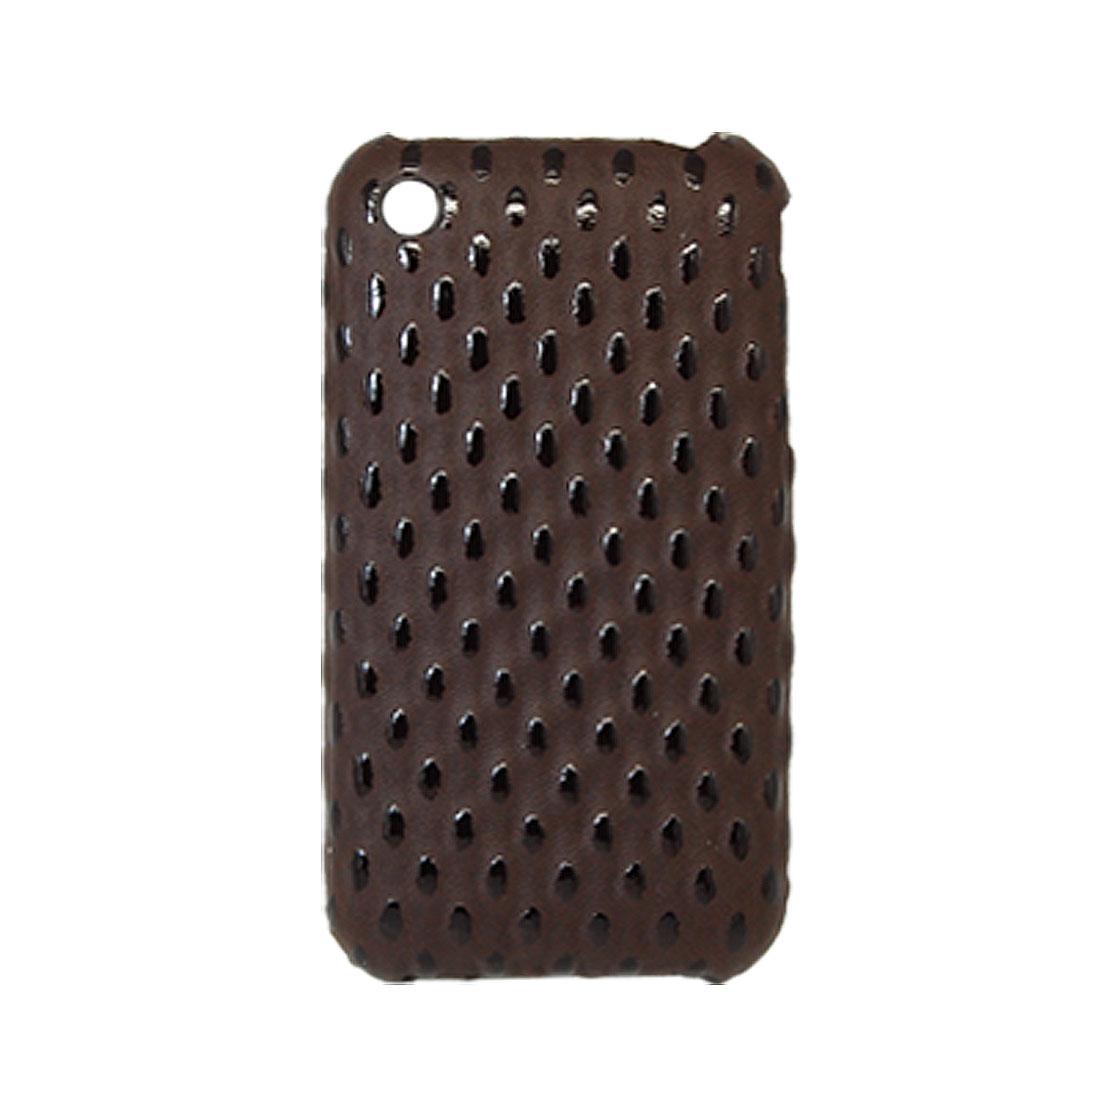 Non-Slip Hard Plastic Case Back Cover for Apple iPhone 3G